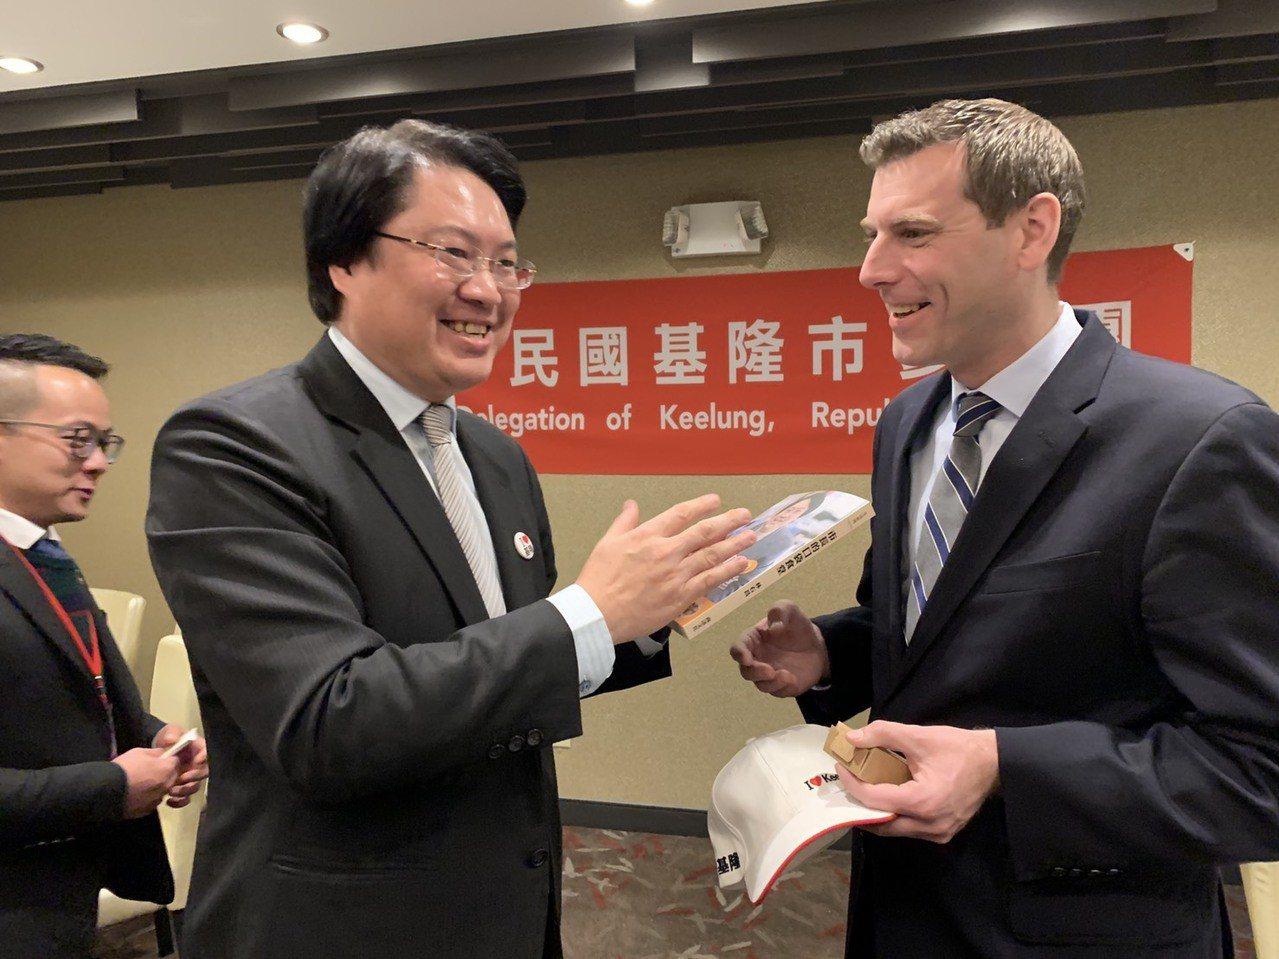 林右昌以「台灣政情分析與展望」為題,在美國發表演說。圖/基隆市政府提供